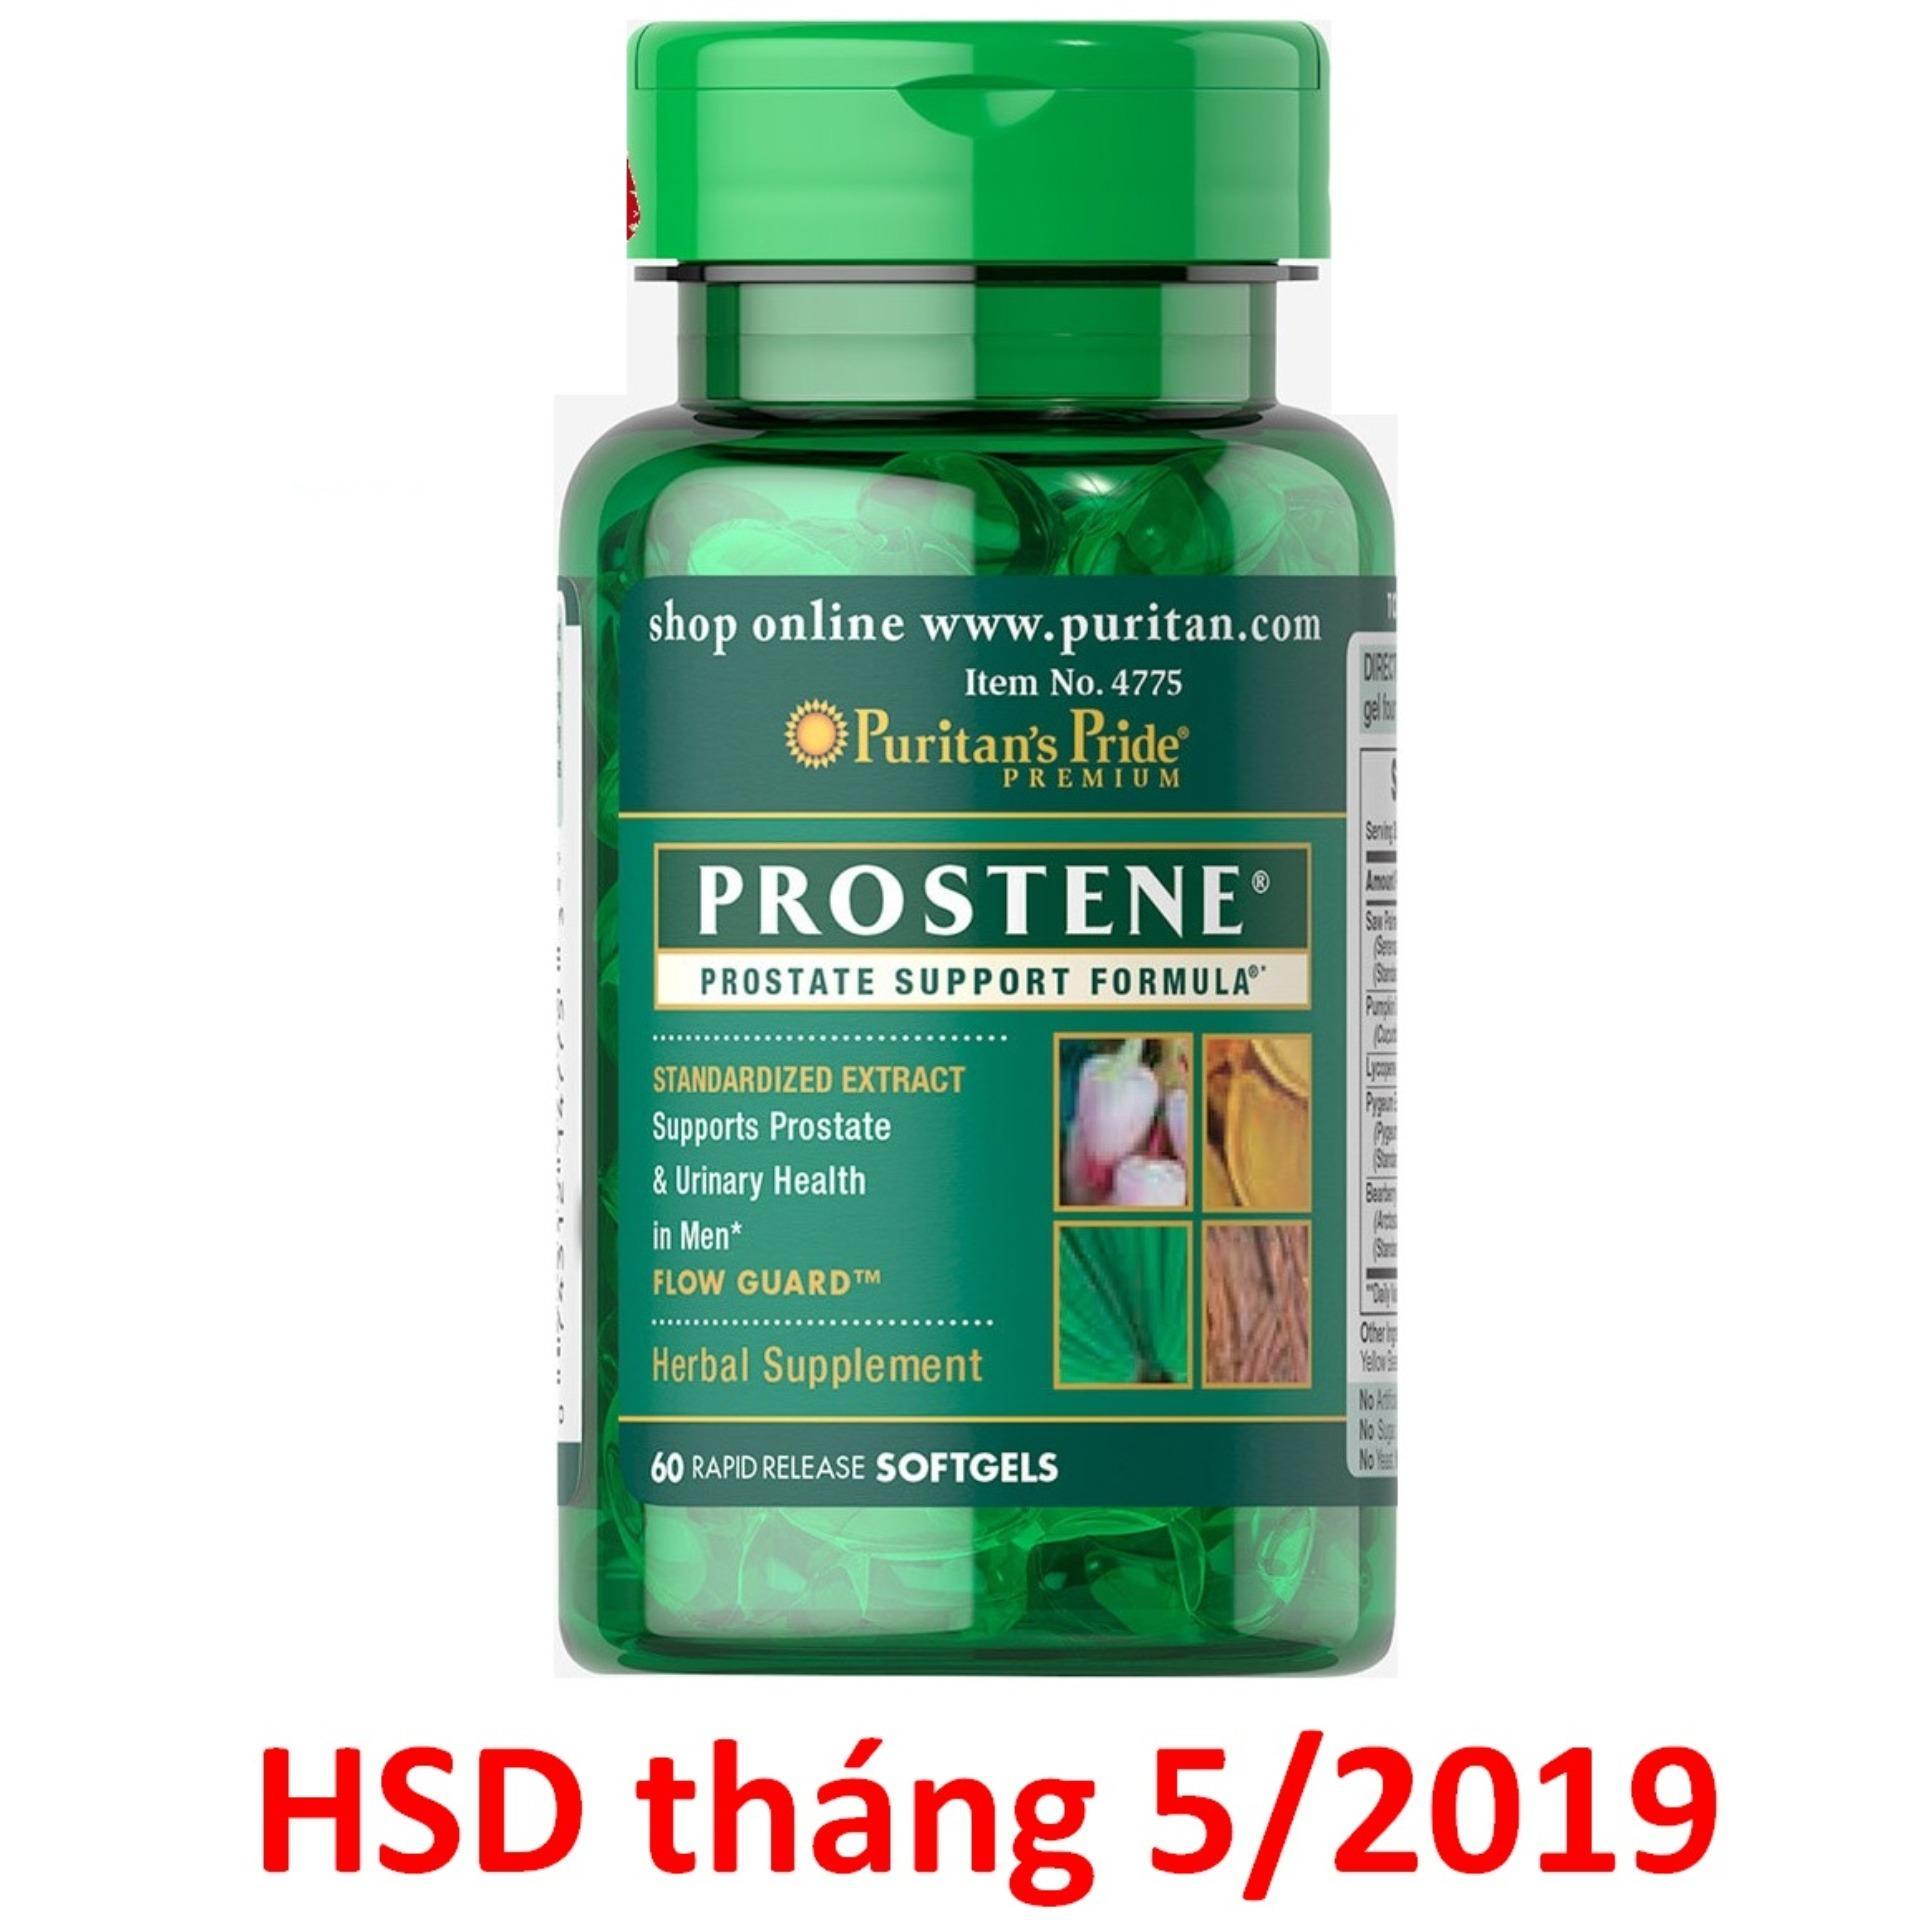 Big Sales Chỉ Còn 69k/lọ, Viên Uống Hỗ Trợ Tiền Liệt Tuyến, Giảm Tiểu Dắt, Tiểu đêm Puritans Pride Premium Prostene Prostate Support Formula 60 Viên Hsd Tháng 05/2019 By Puritans Pride Việt Nam (hà Nội).